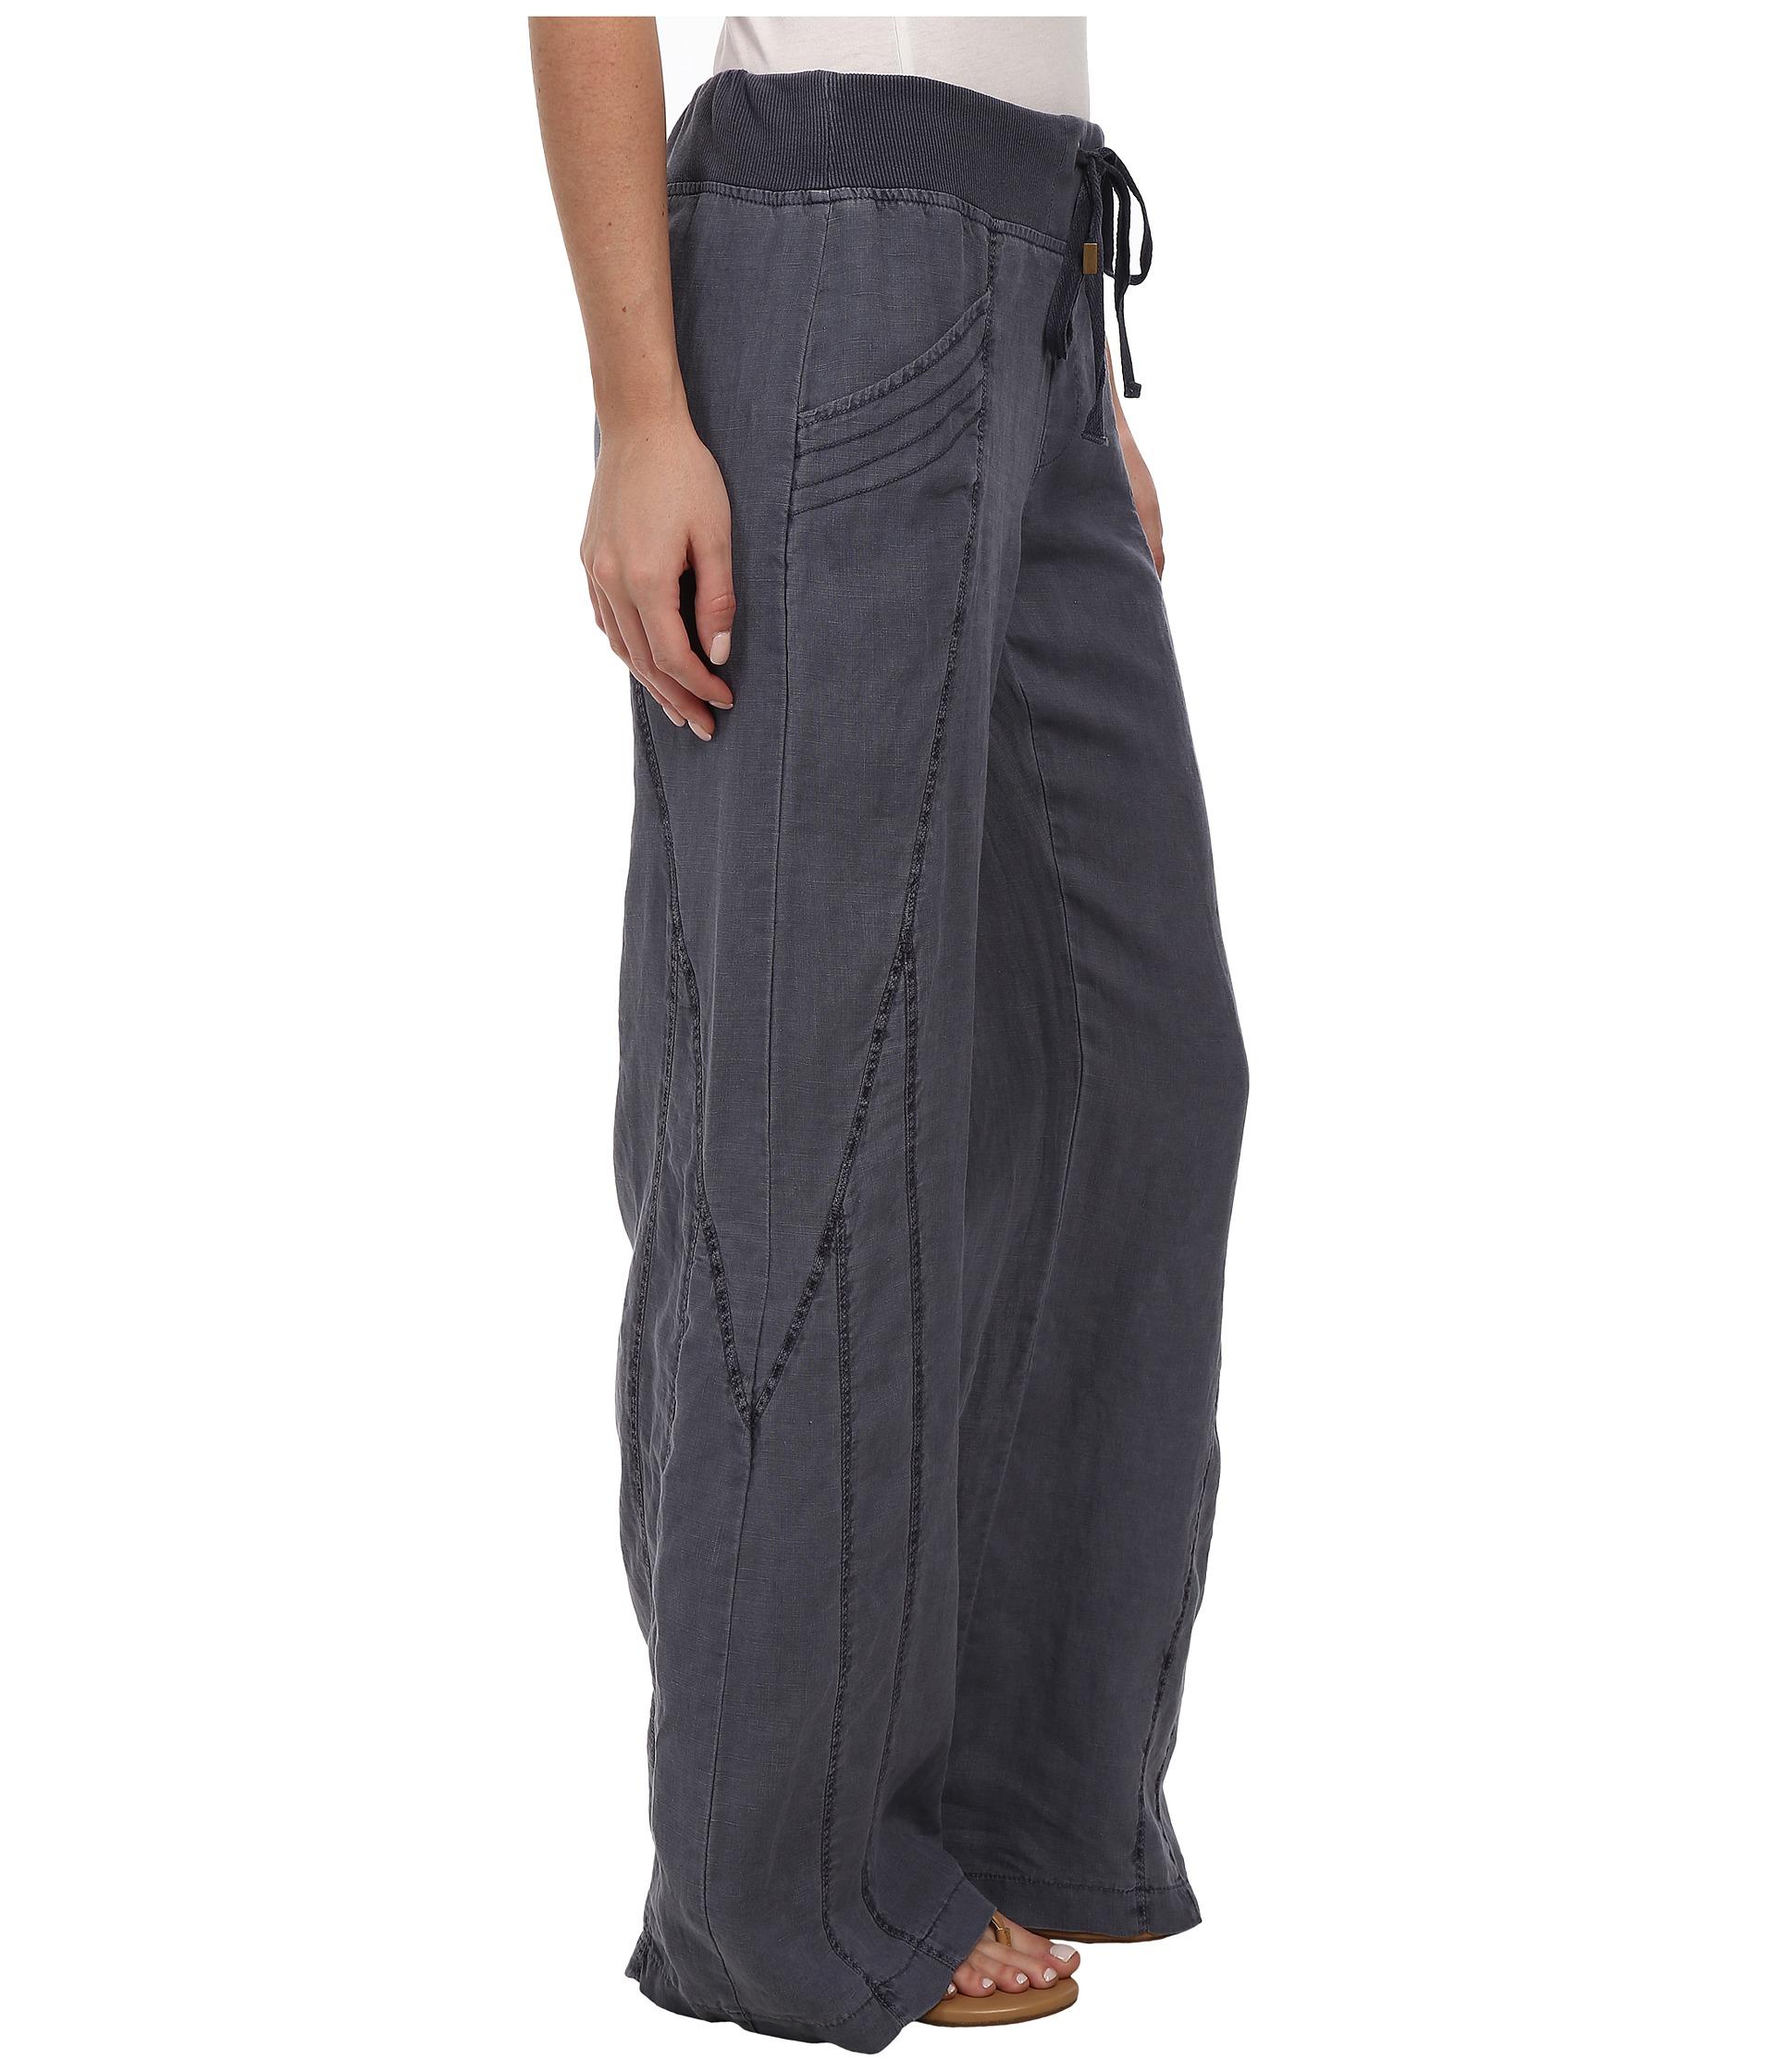 Loft Jeans Size 27